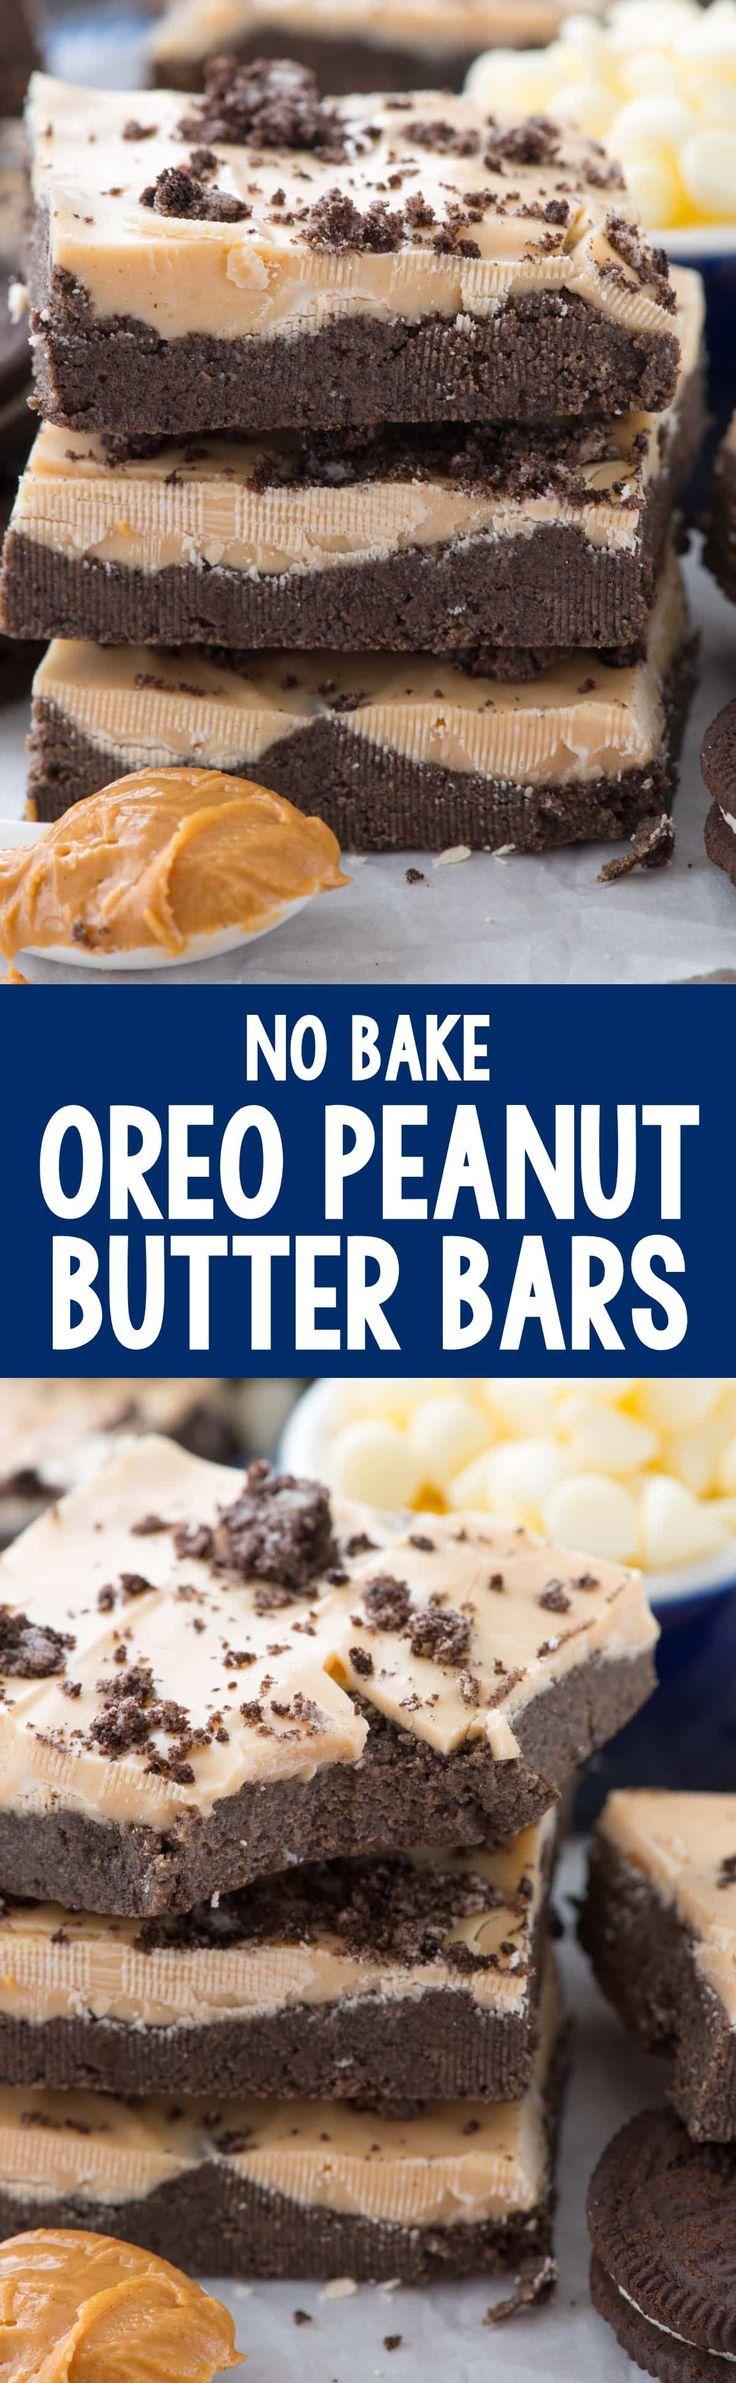 No Bake Oreo Peanut Butter Bars